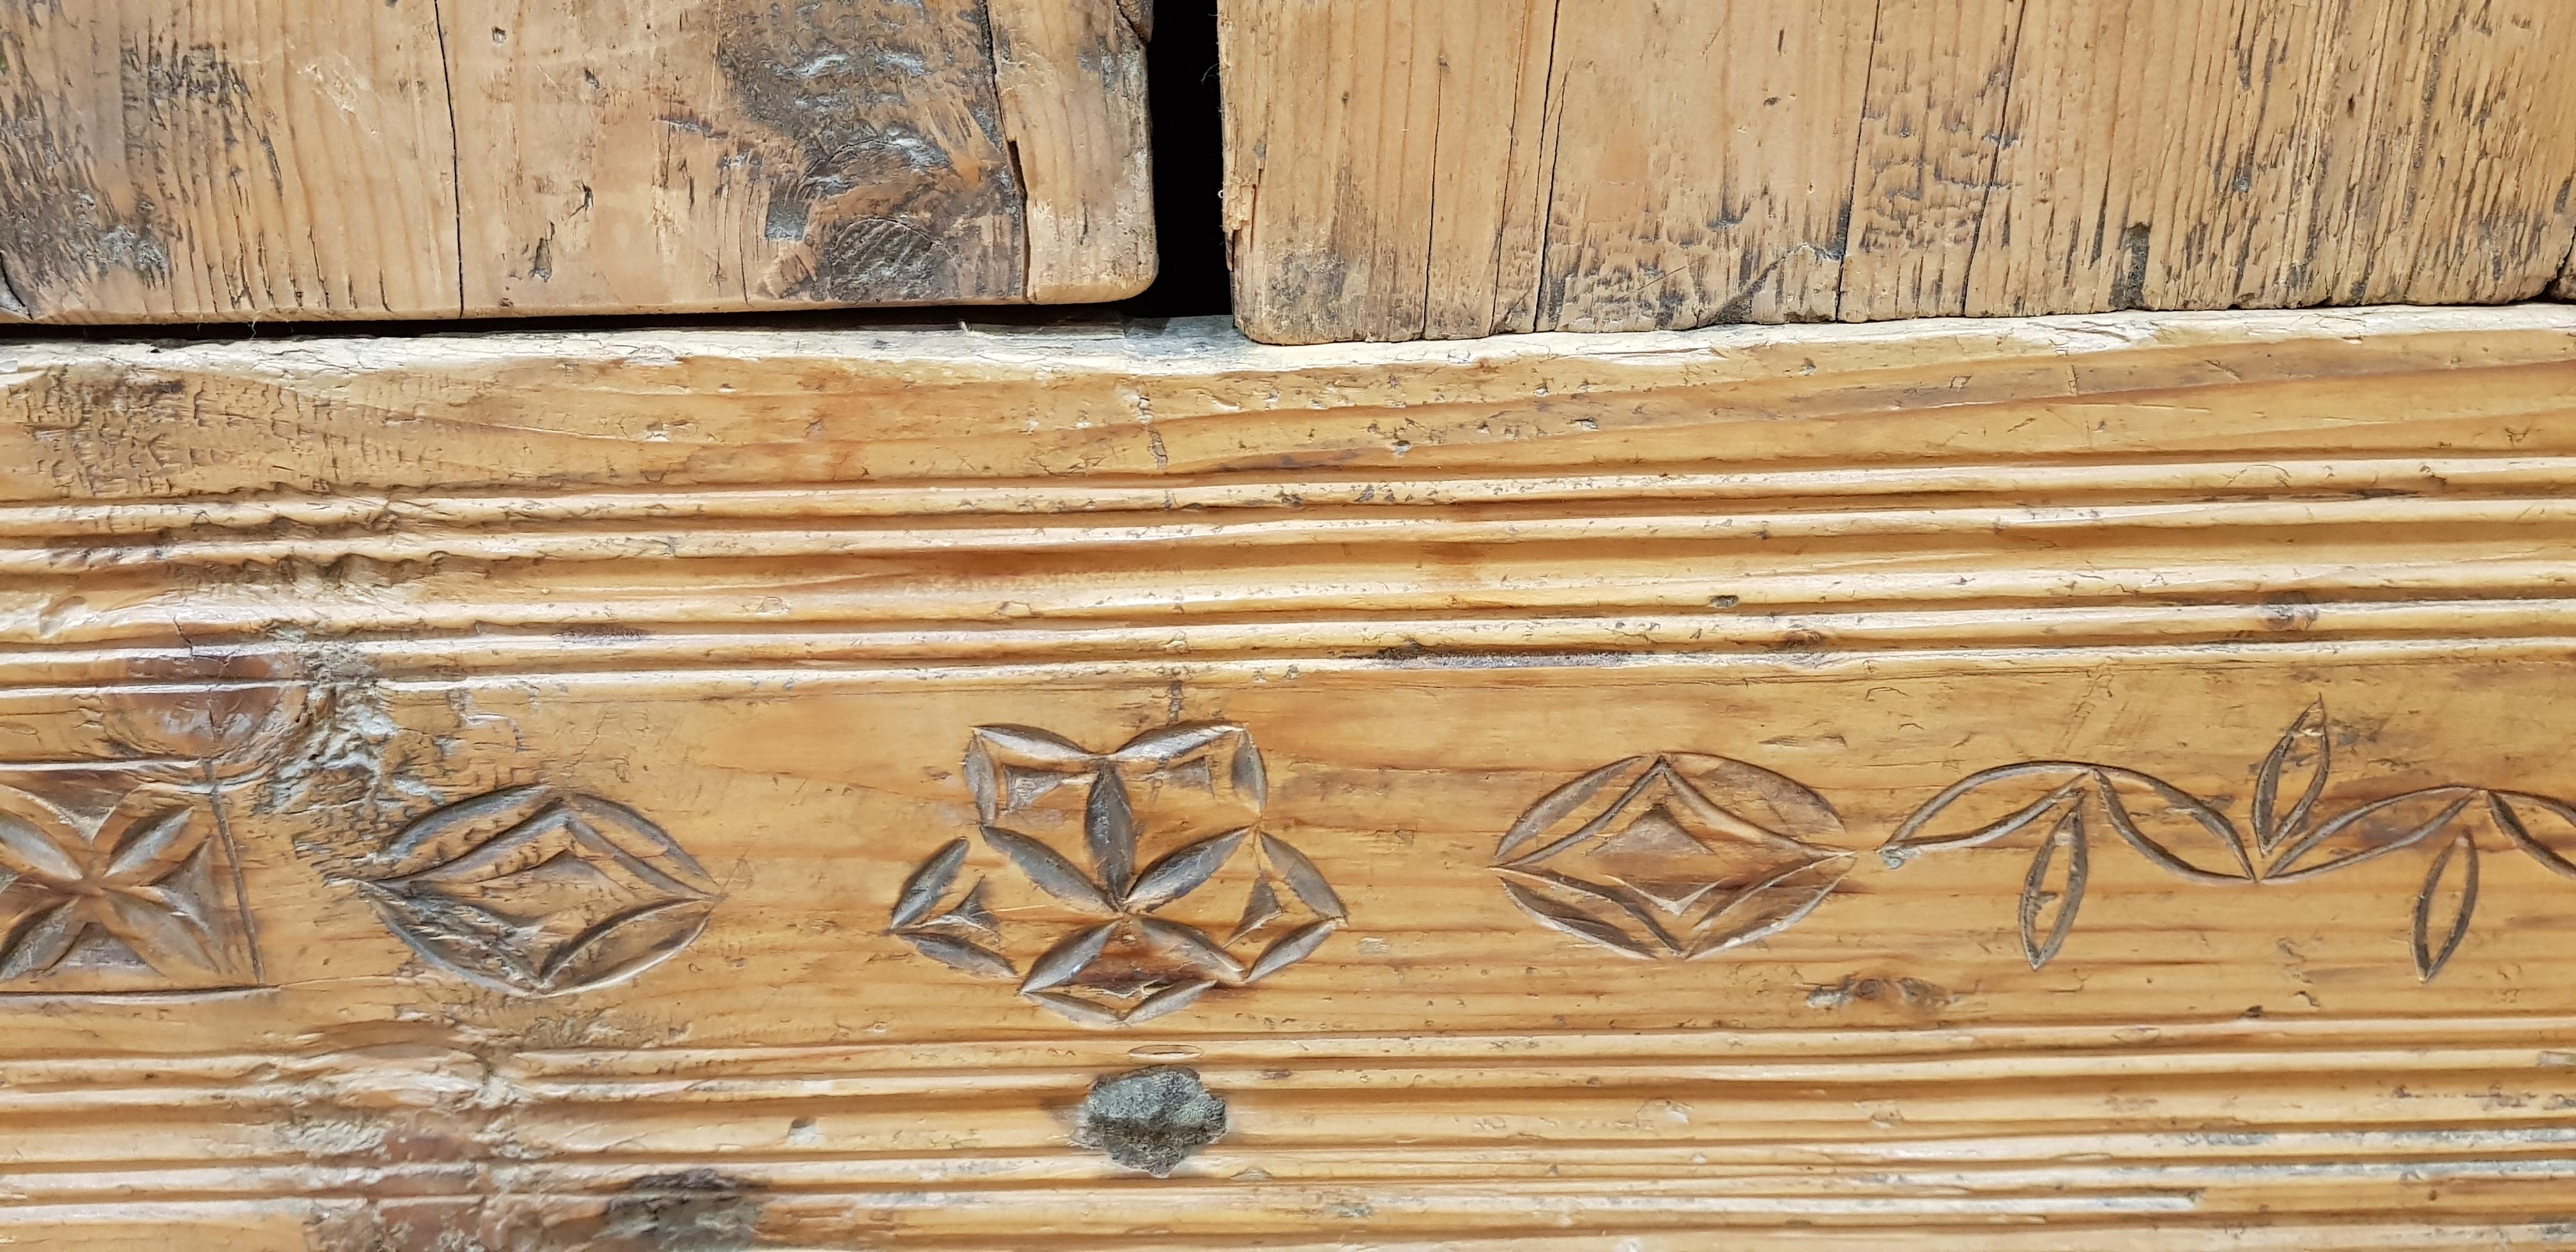 vente mobilier de montagne sapin pres d 39 albertville a st ferreol coffre armoire table meuble. Black Bedroom Furniture Sets. Home Design Ideas